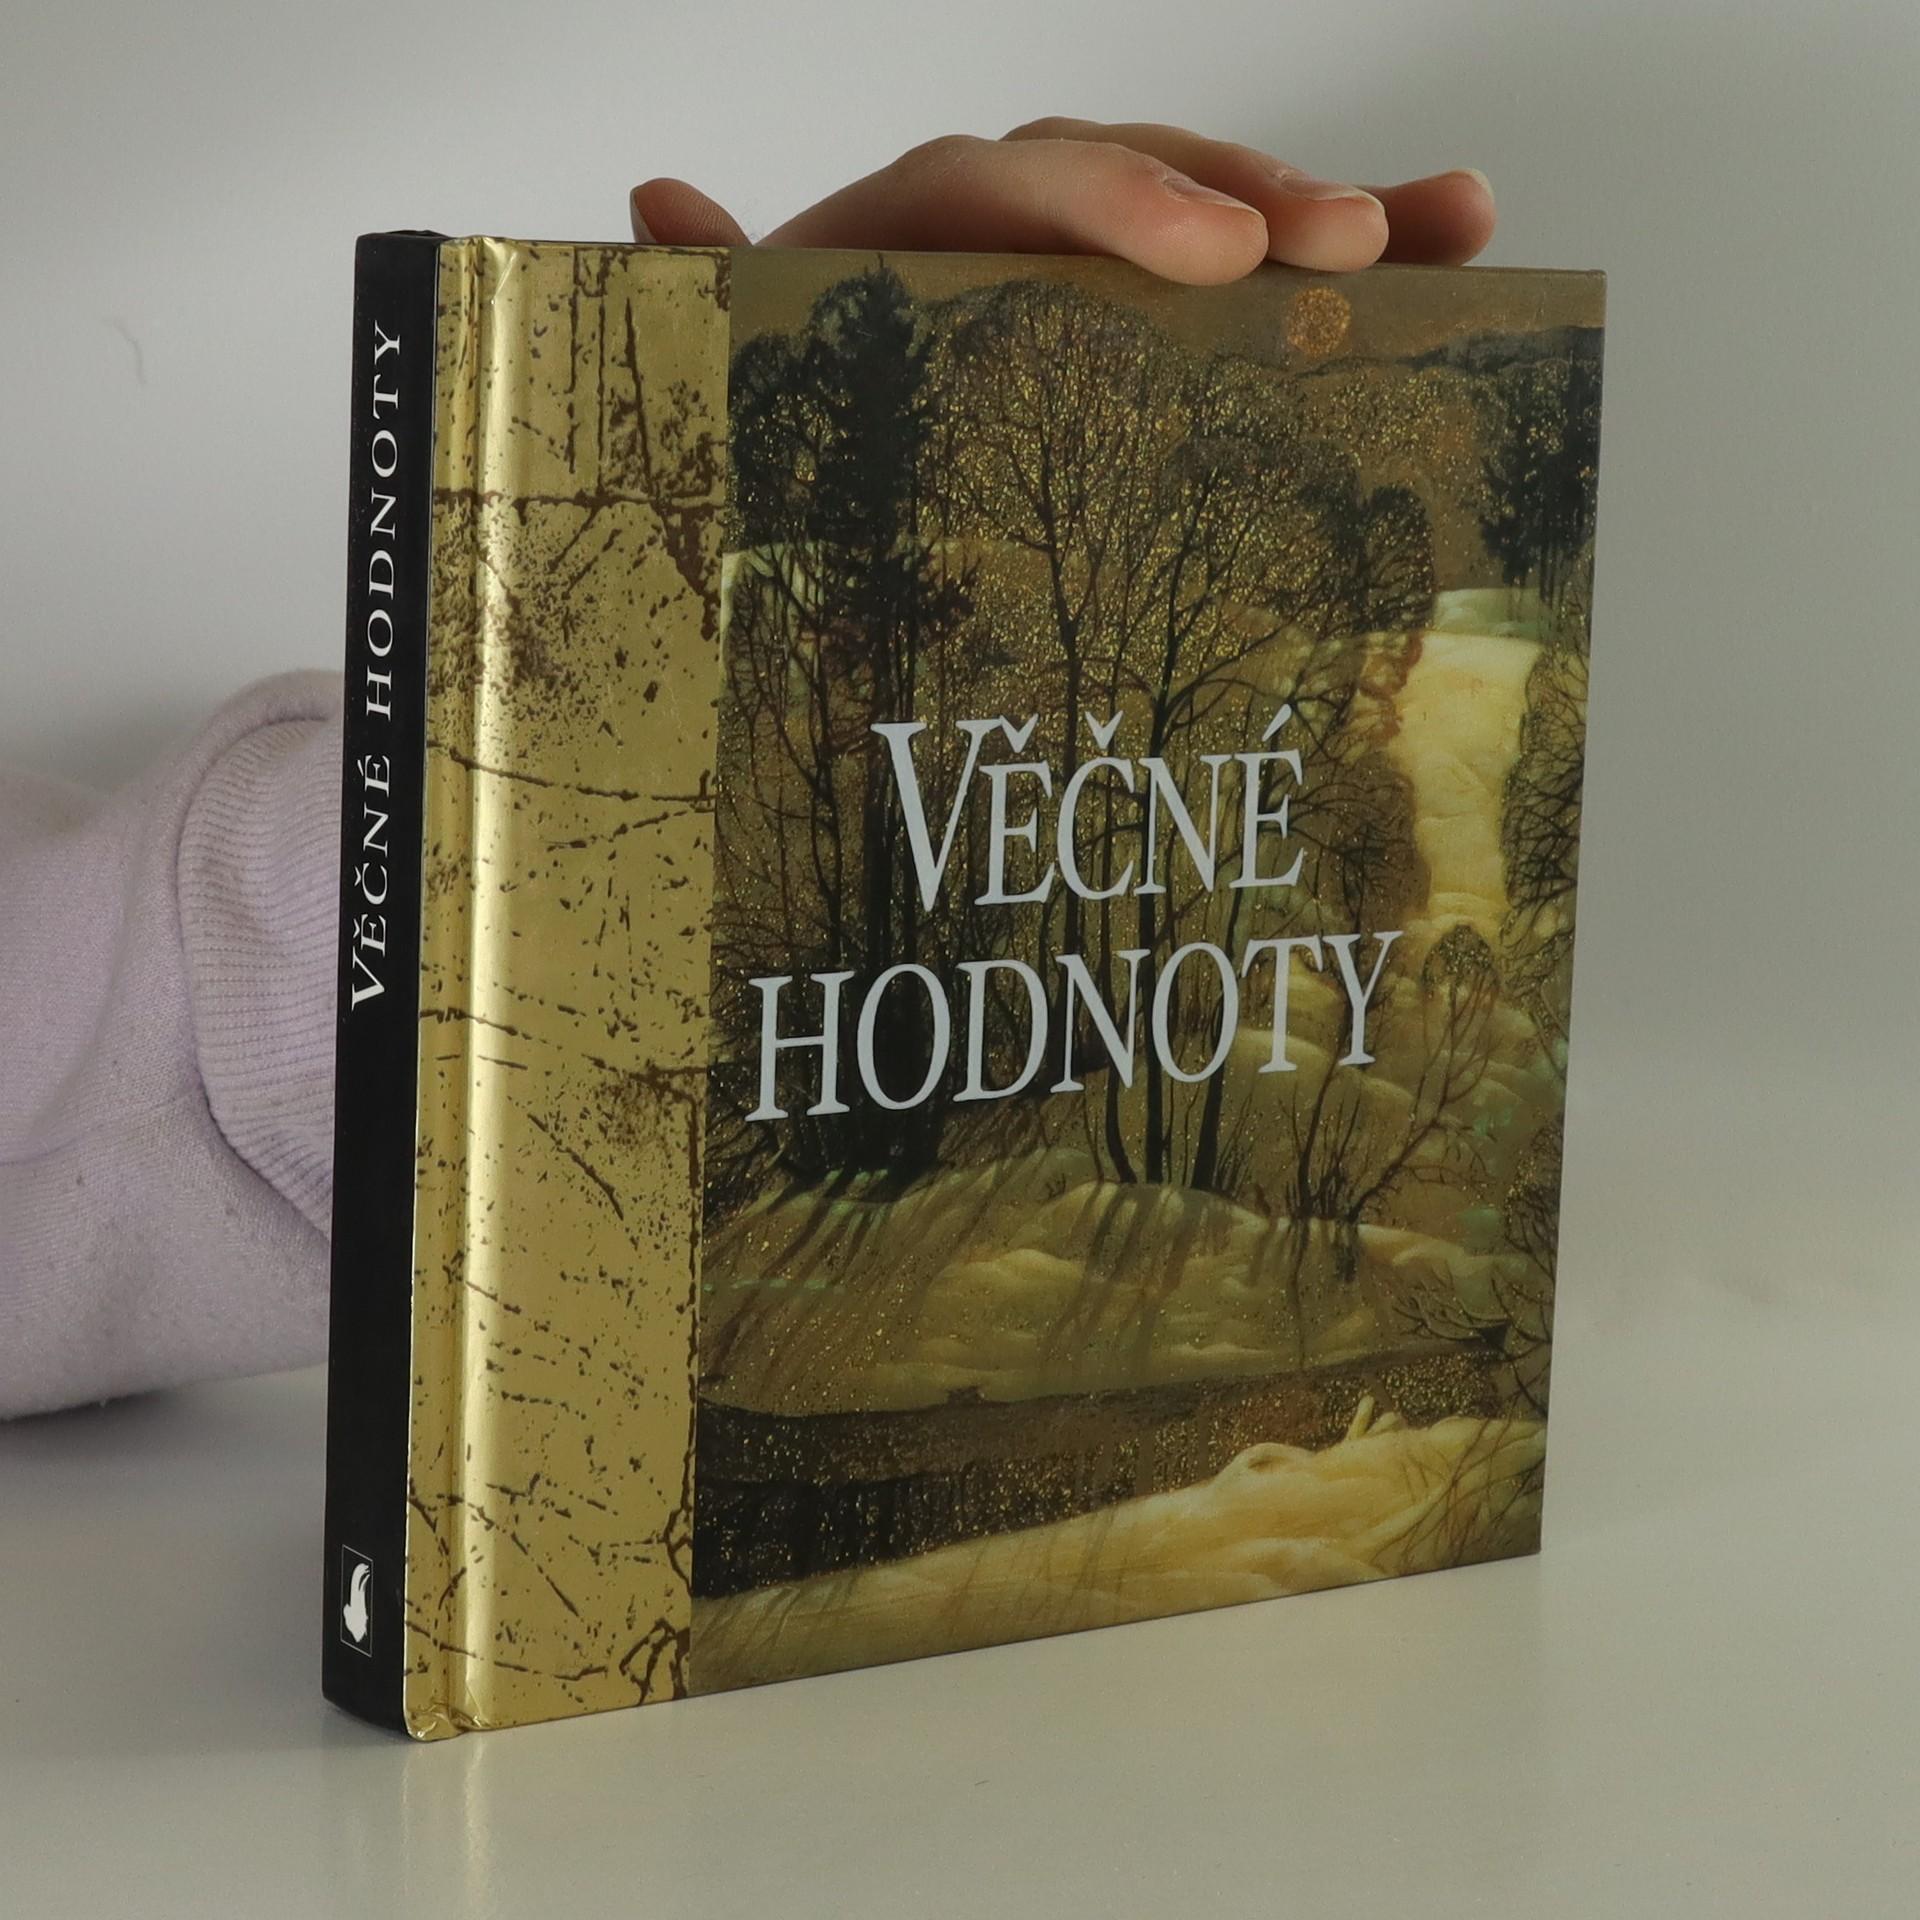 antikvární kniha Věčné hodnoty, 2005